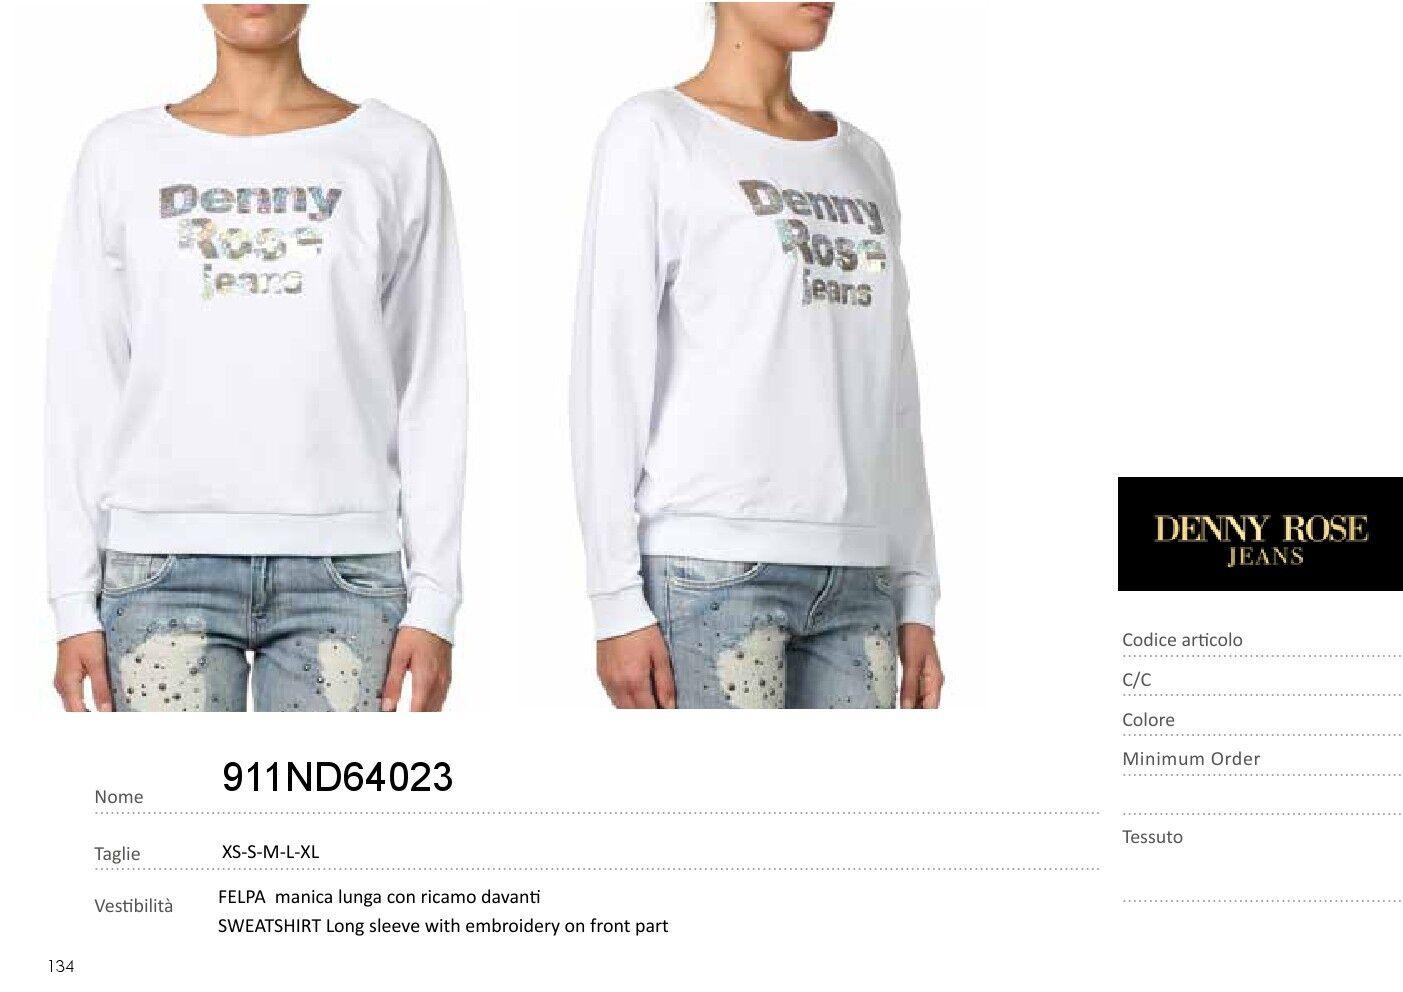 911ND64023 Denny Rosa Jeans Sweatshirt 2019 erhältlich